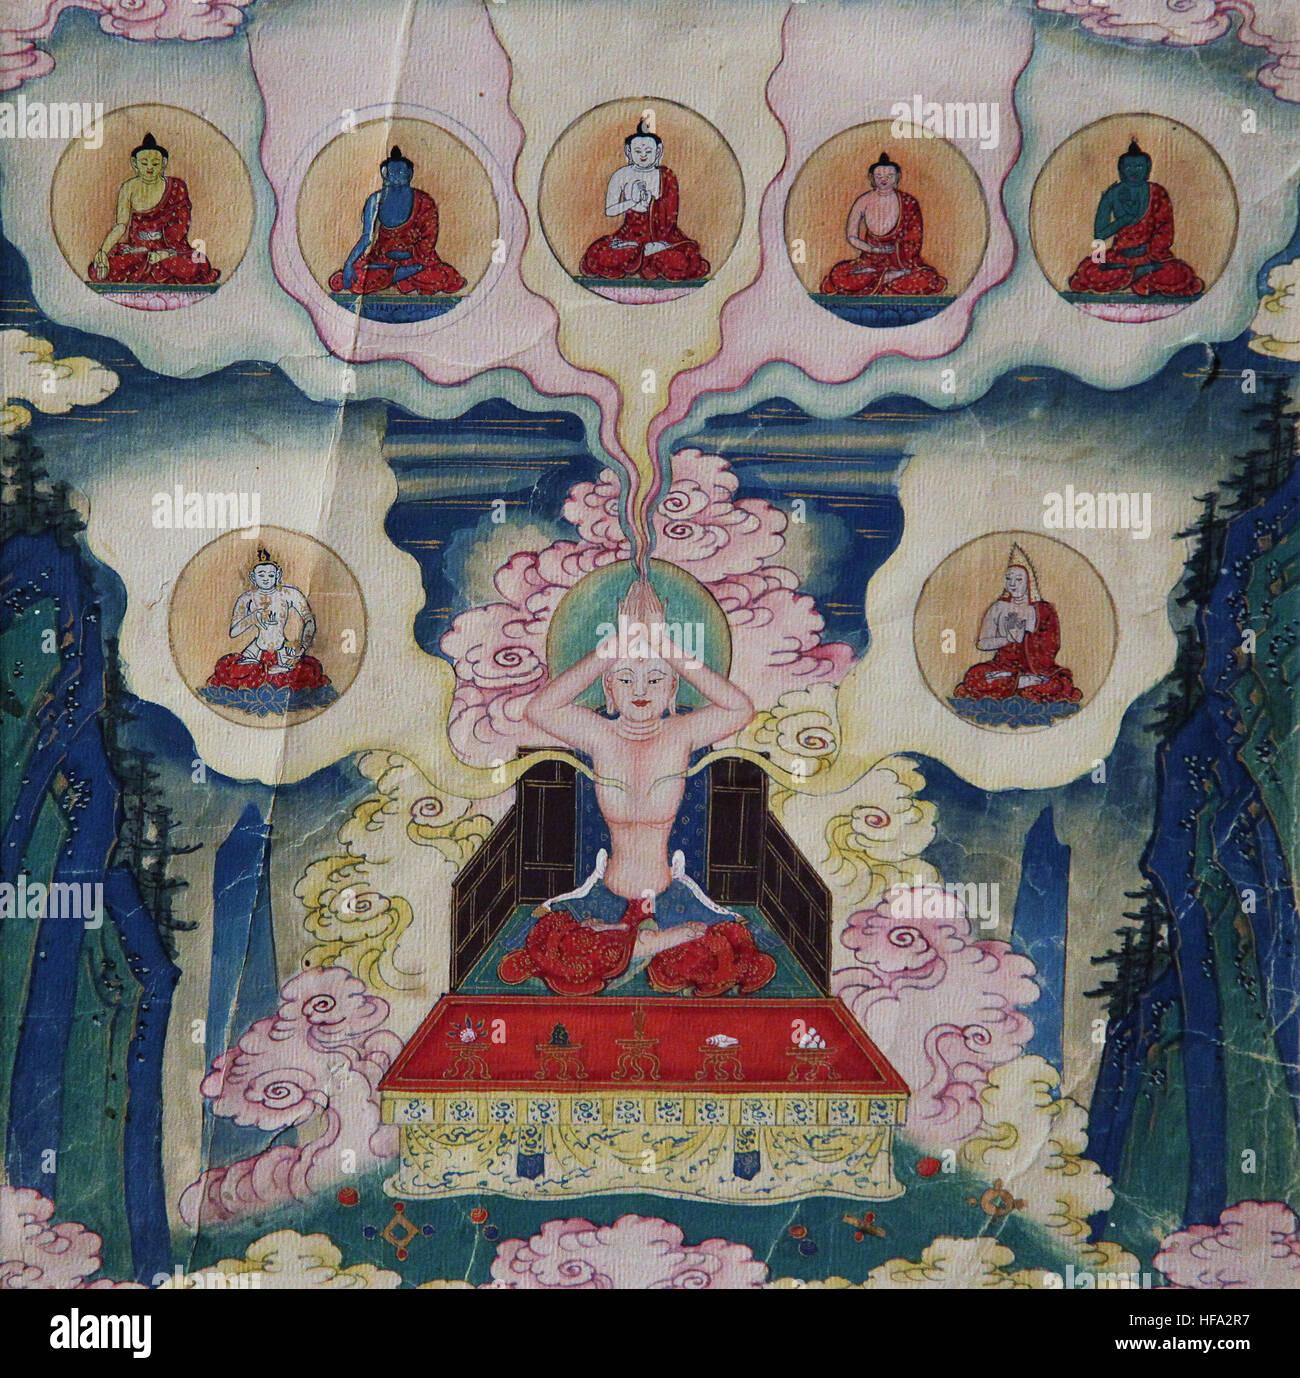 Buddista vajrayana Tibetano Meditazione dipinto del XVIII secolo il Buddha e la mente lo yoga mindfulness devozione Immagini Stock